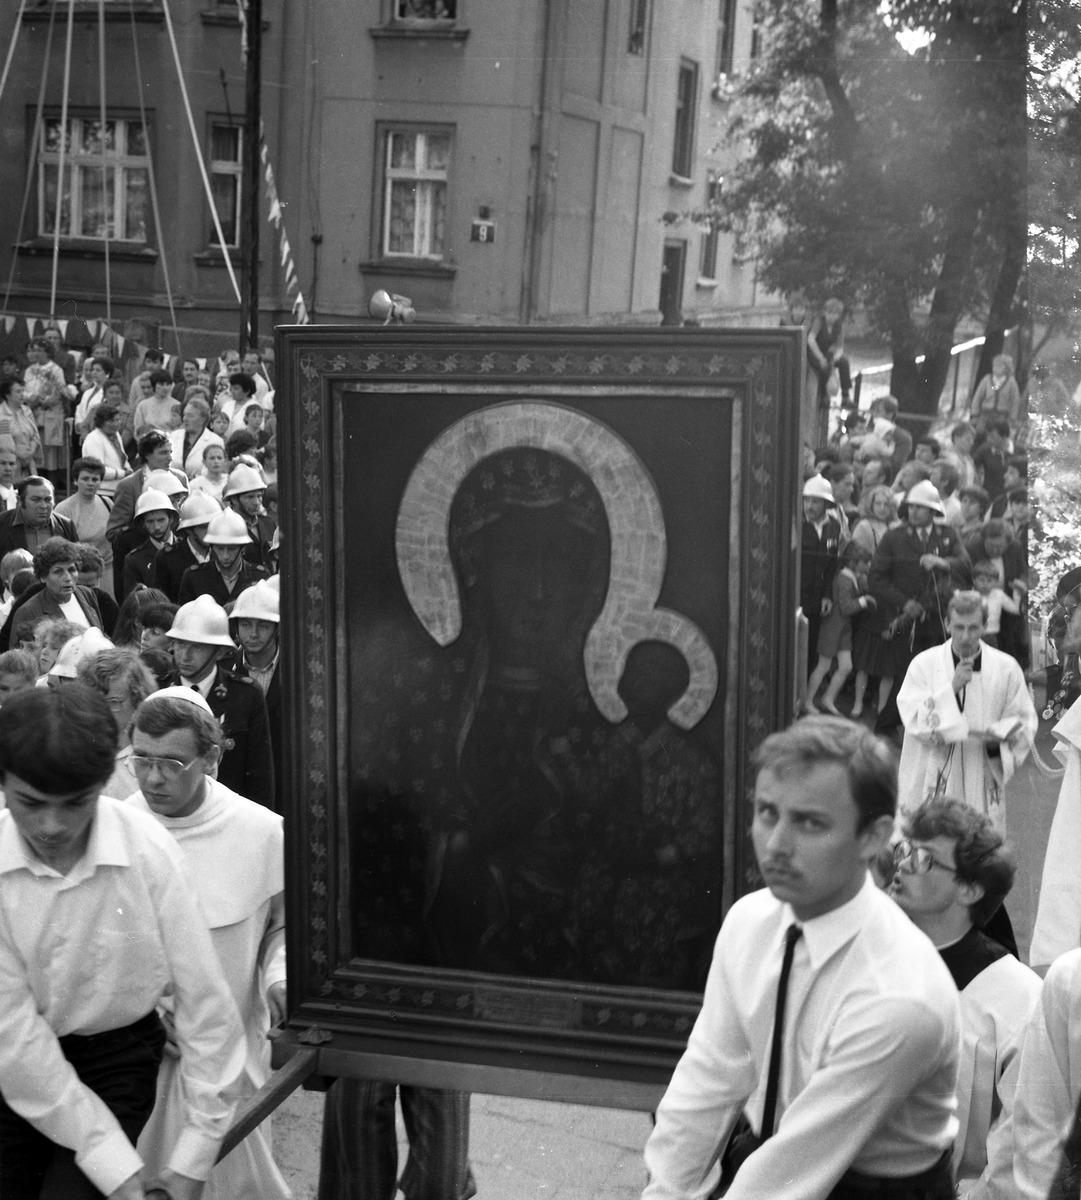 Peregrynacja obrazu Matki Boskiej Częstochowskiej w Giżycku